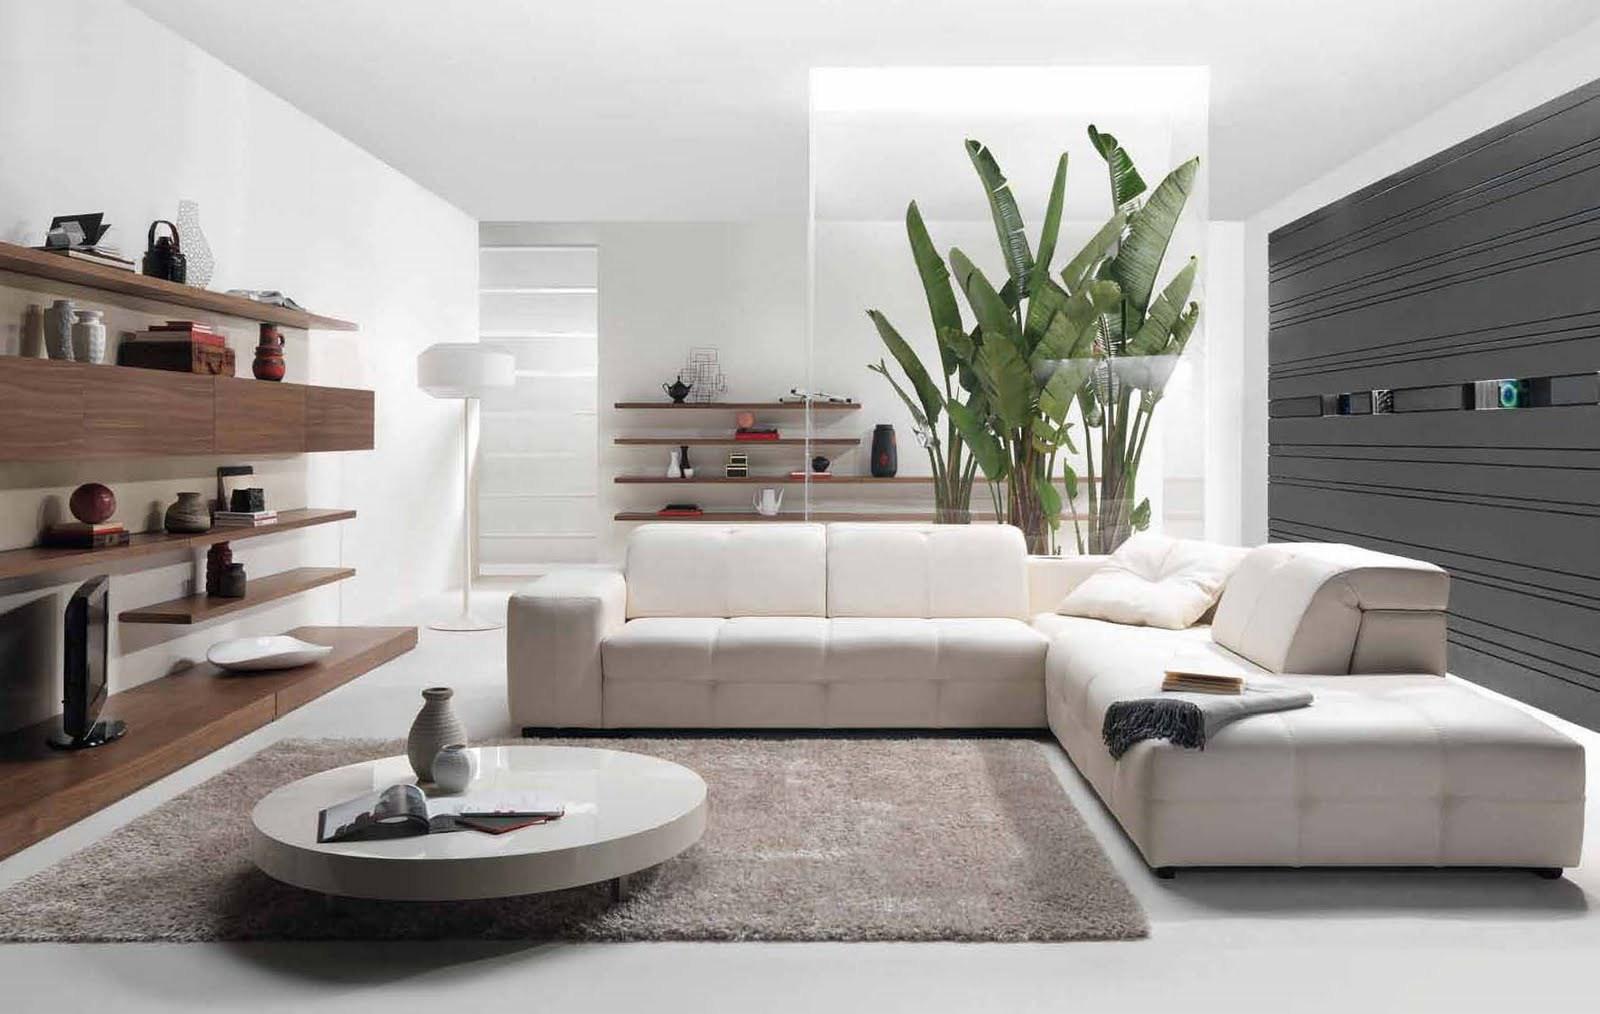 Аксессуары и белый угловой диван в гостиной в стиле модерн